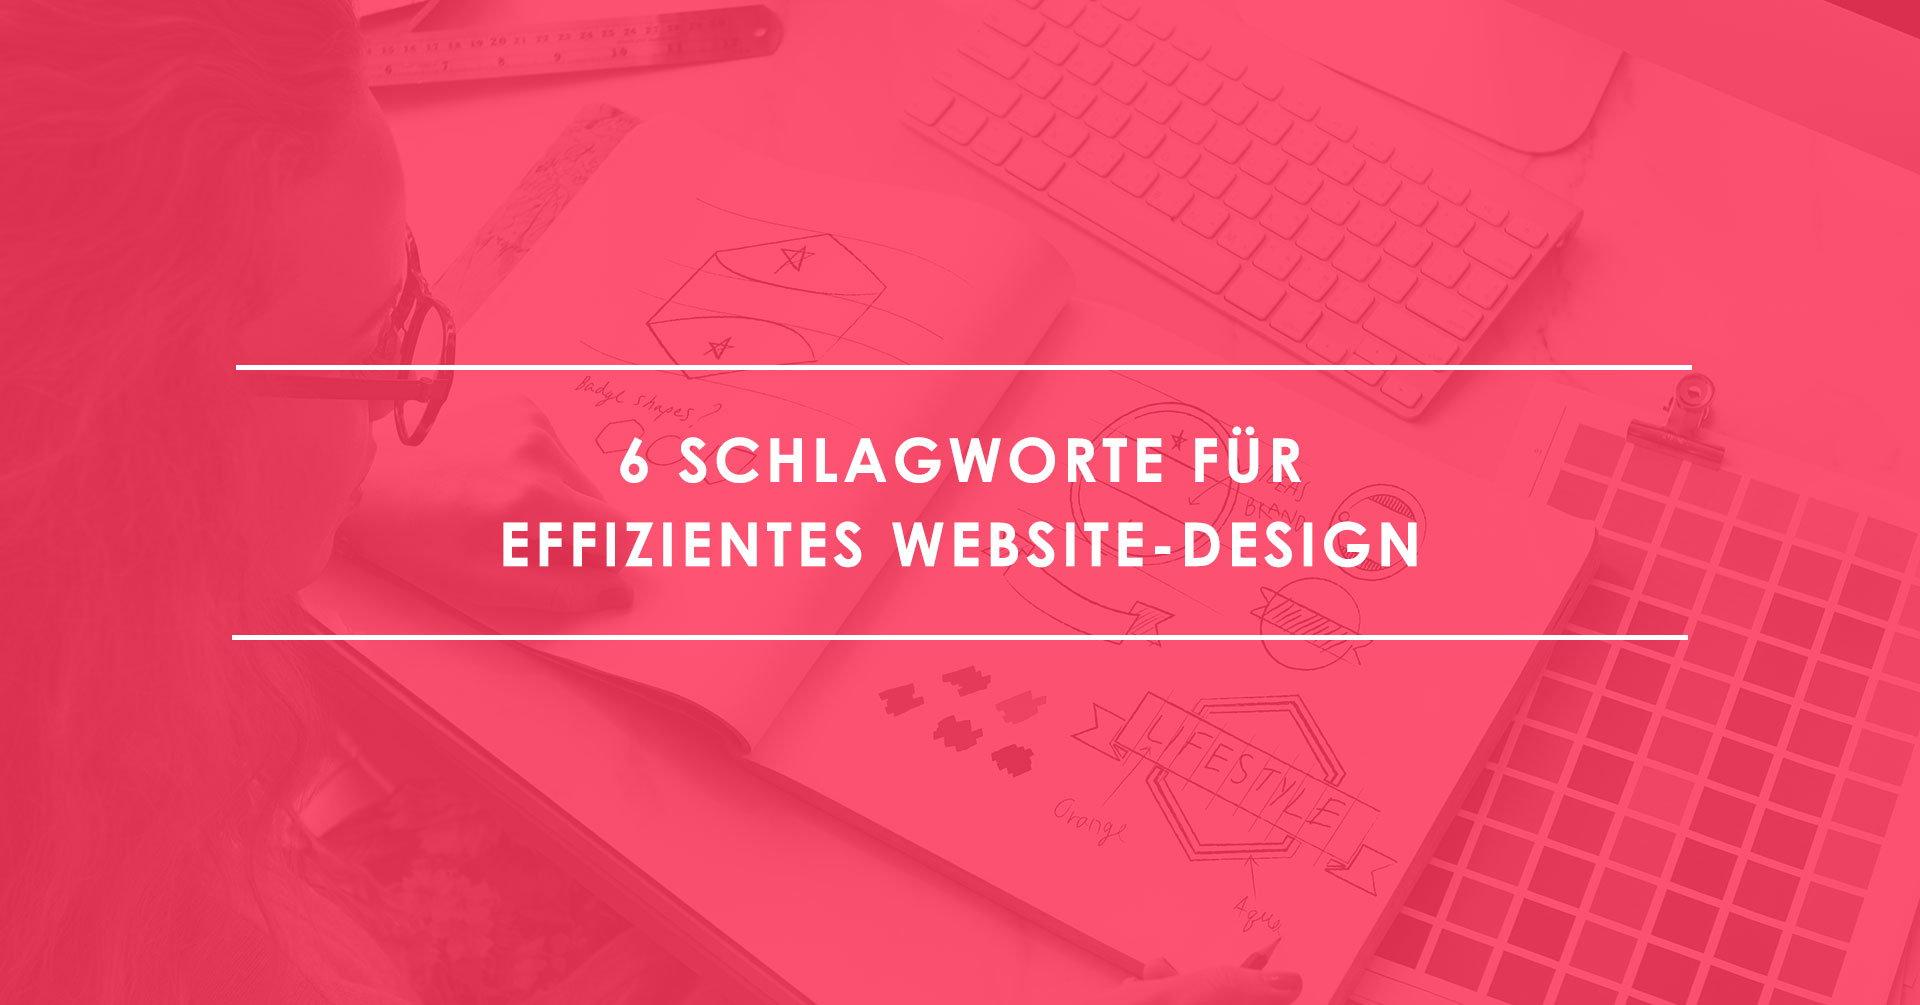 Die-6-Ps-eines-erfolgreichen-Website-Designs-in-der-Industrie